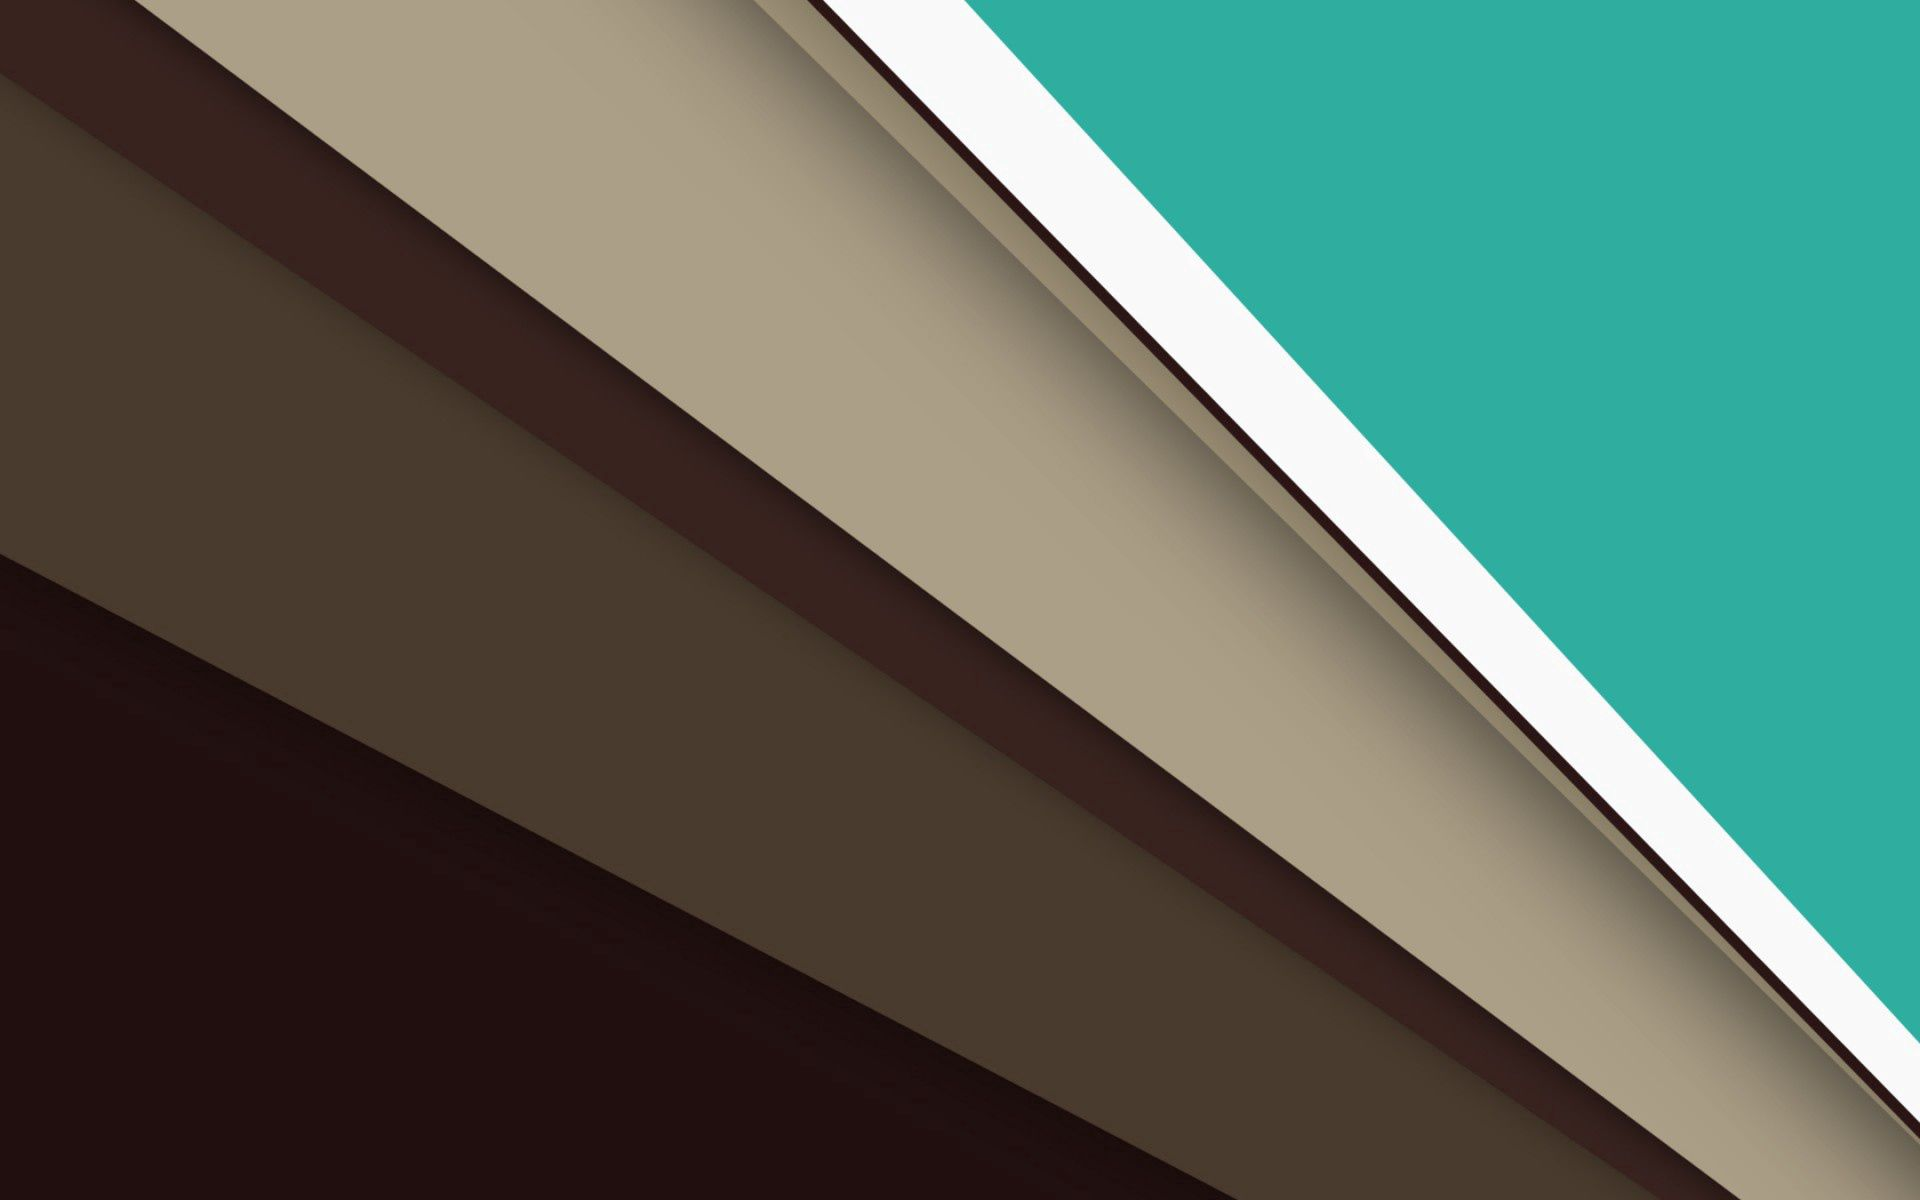 139321壁紙のダウンロードテクスチャ, テクスチャー, 線, 台詞, ストライプ, 縞, 褐色-スクリーンセーバーと写真を無料で